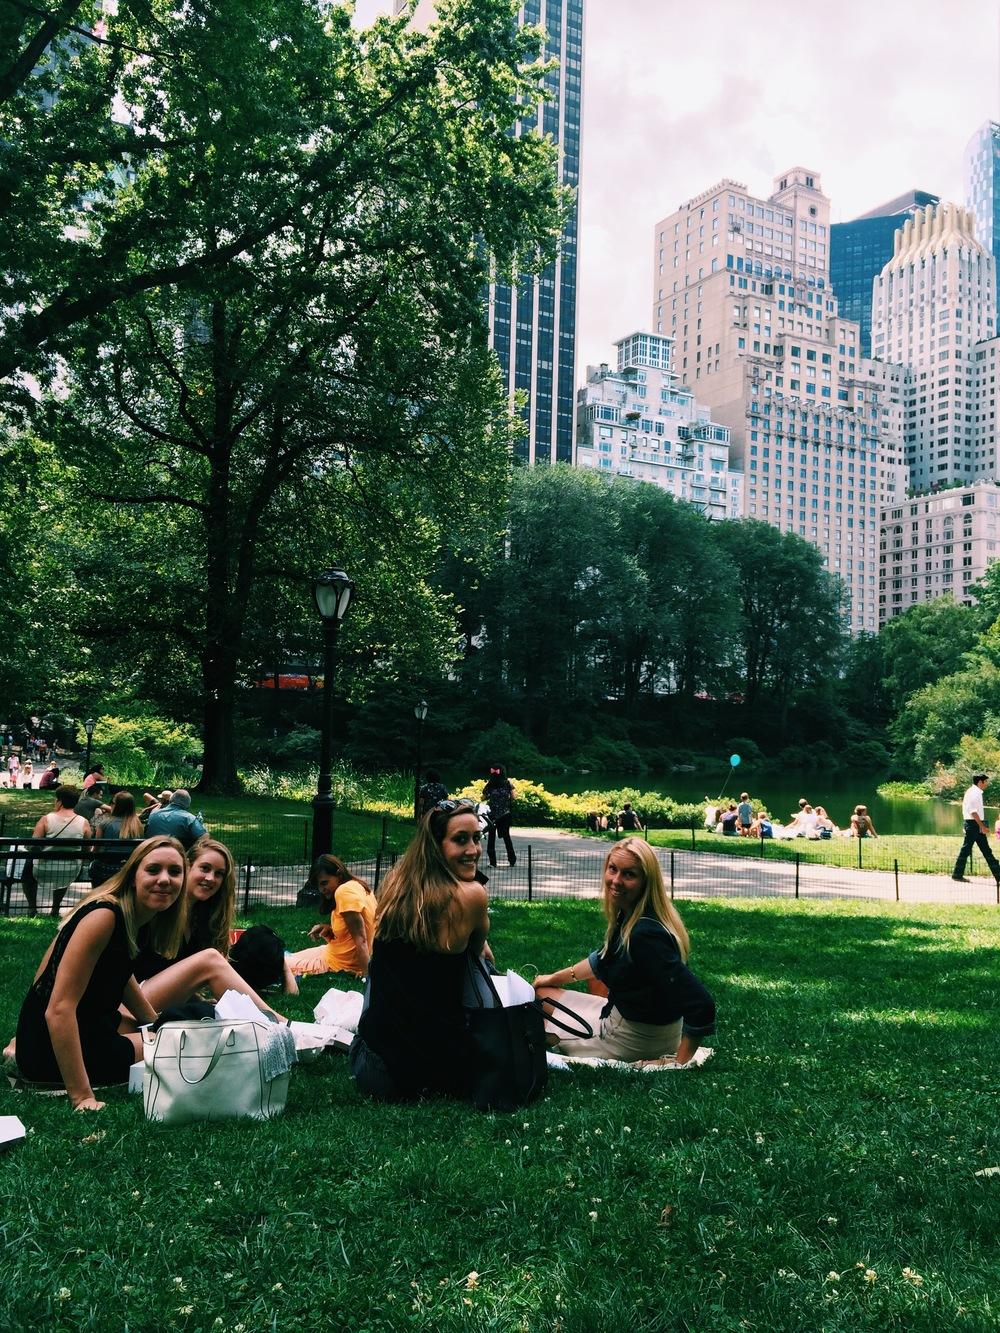 Picnic in Central Park!